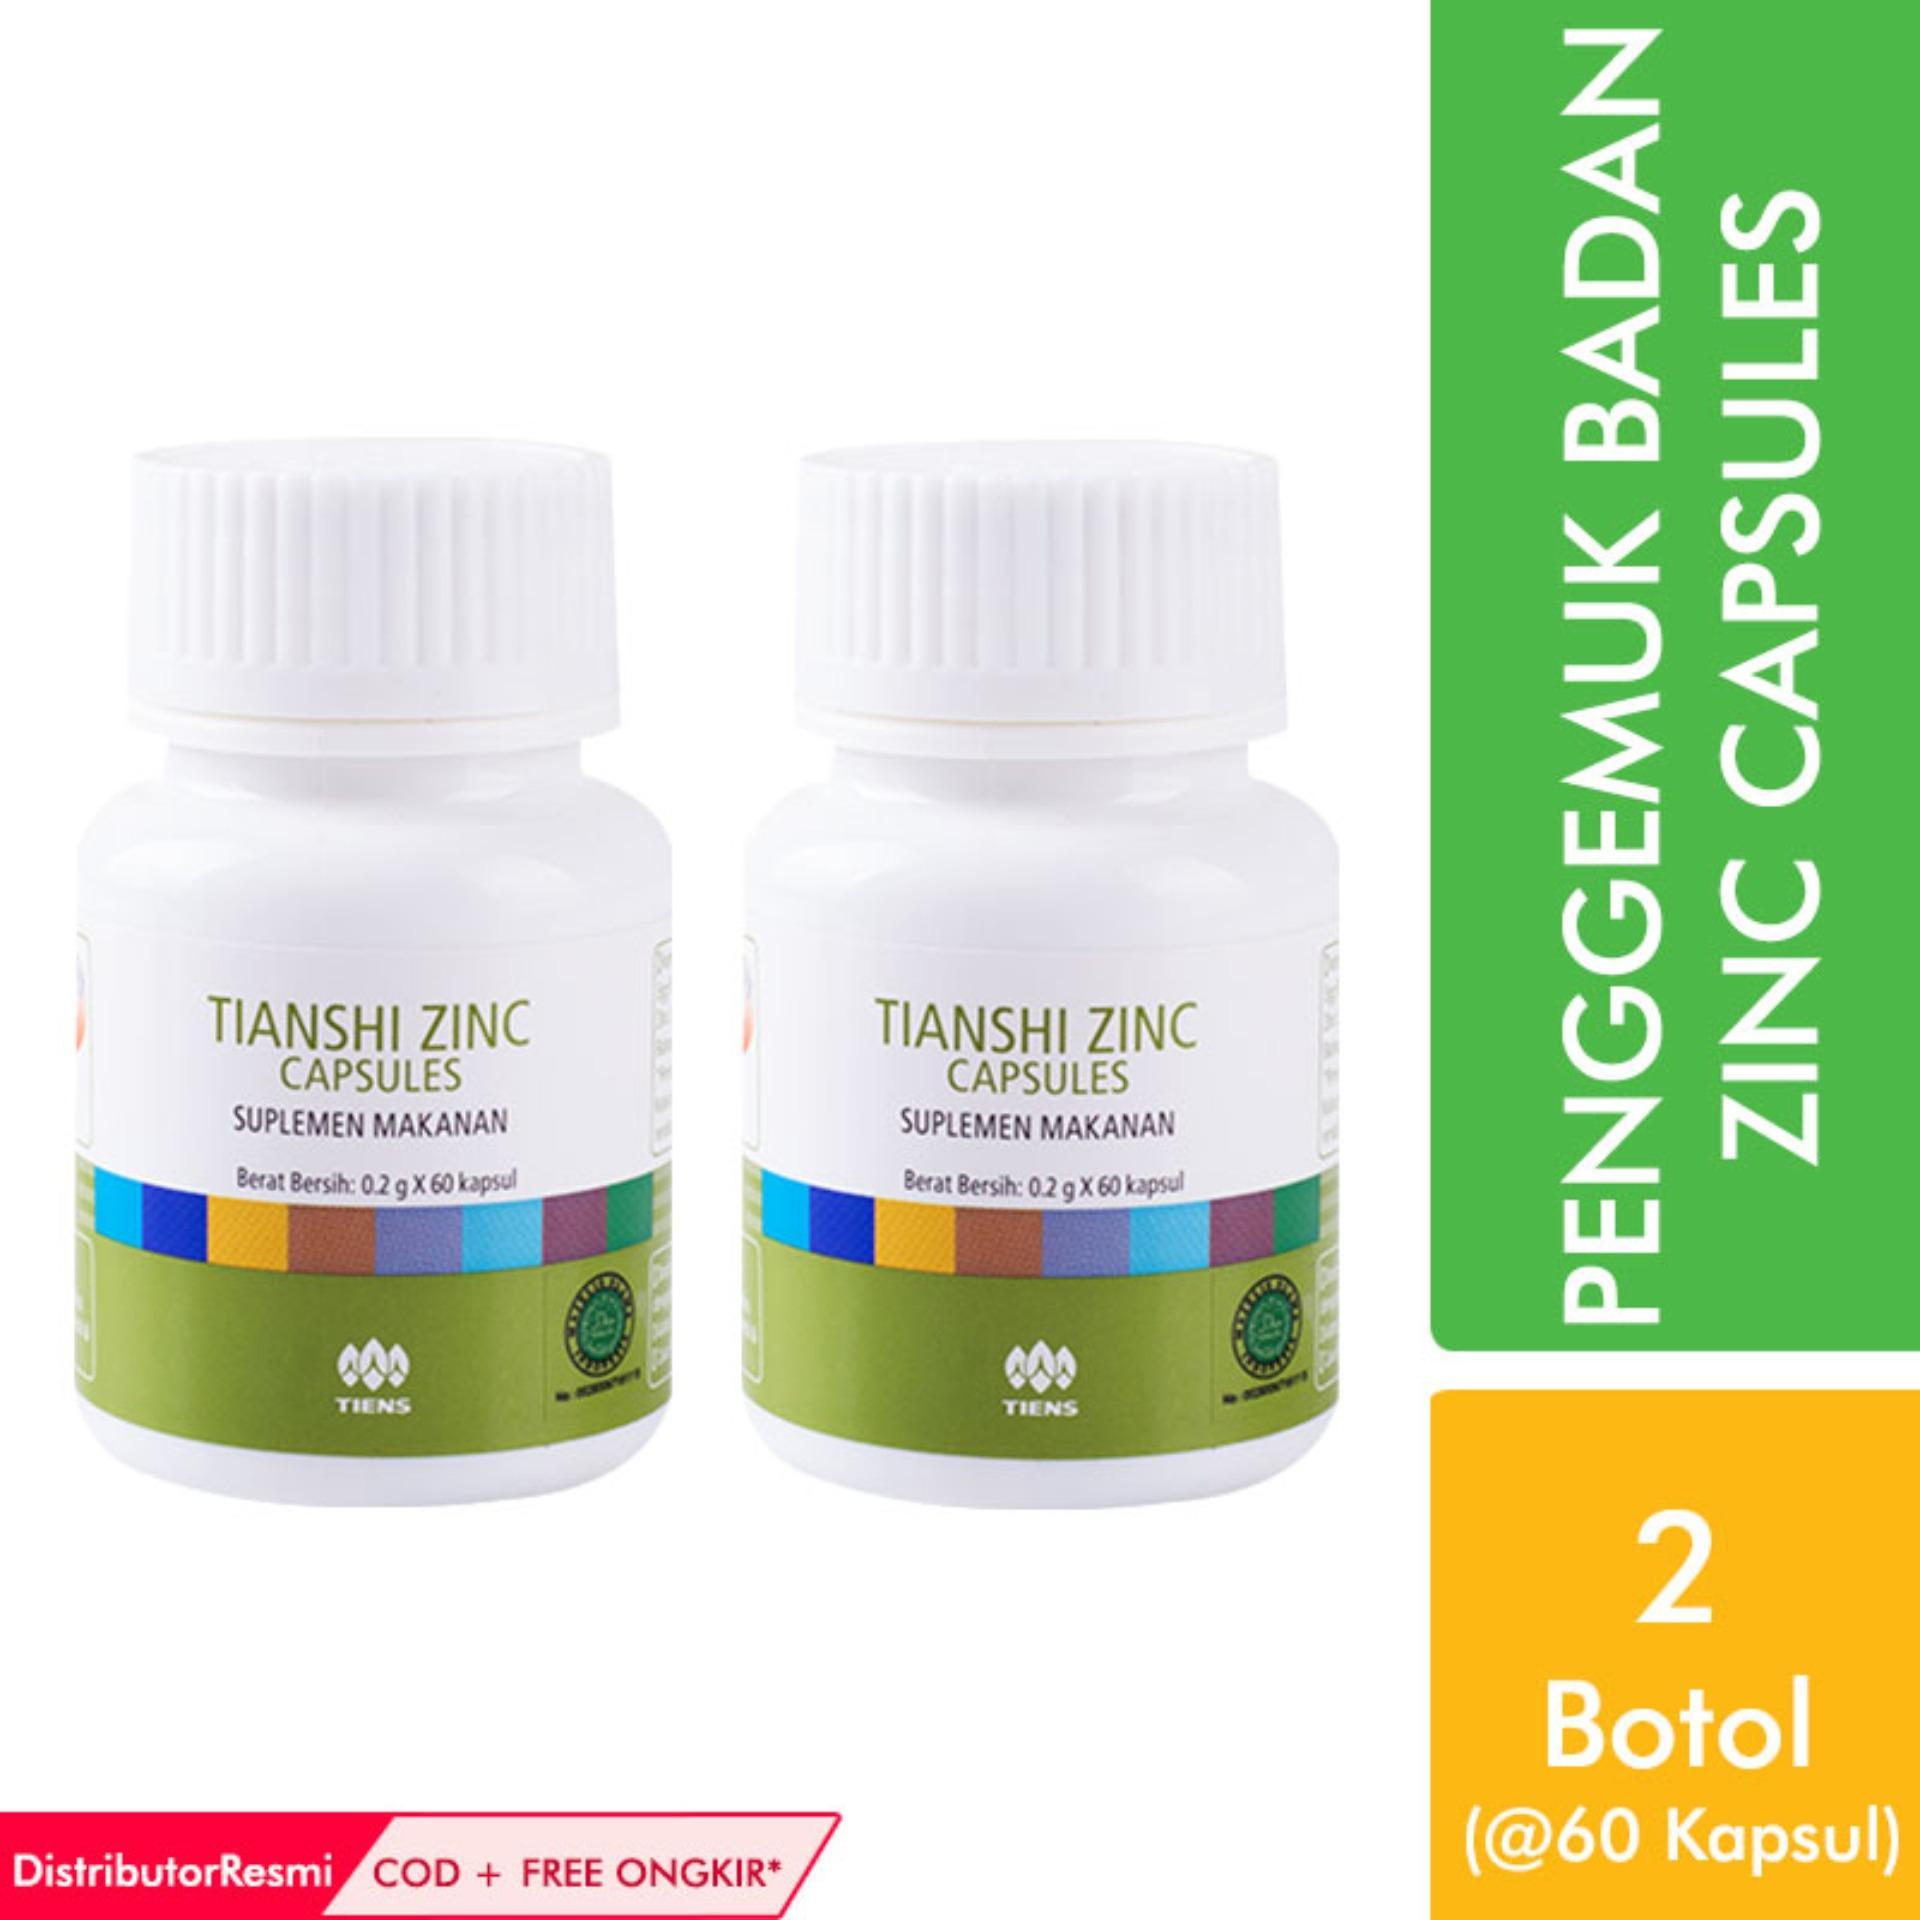 Suplemen Fitness Terbaik Terlaris Samyun Wan Sam Yun Wisdom Obat Penggemuk Tiens Badan Herbal Paket 1 Bisa Cod Free Ongkir Gift By Ts1